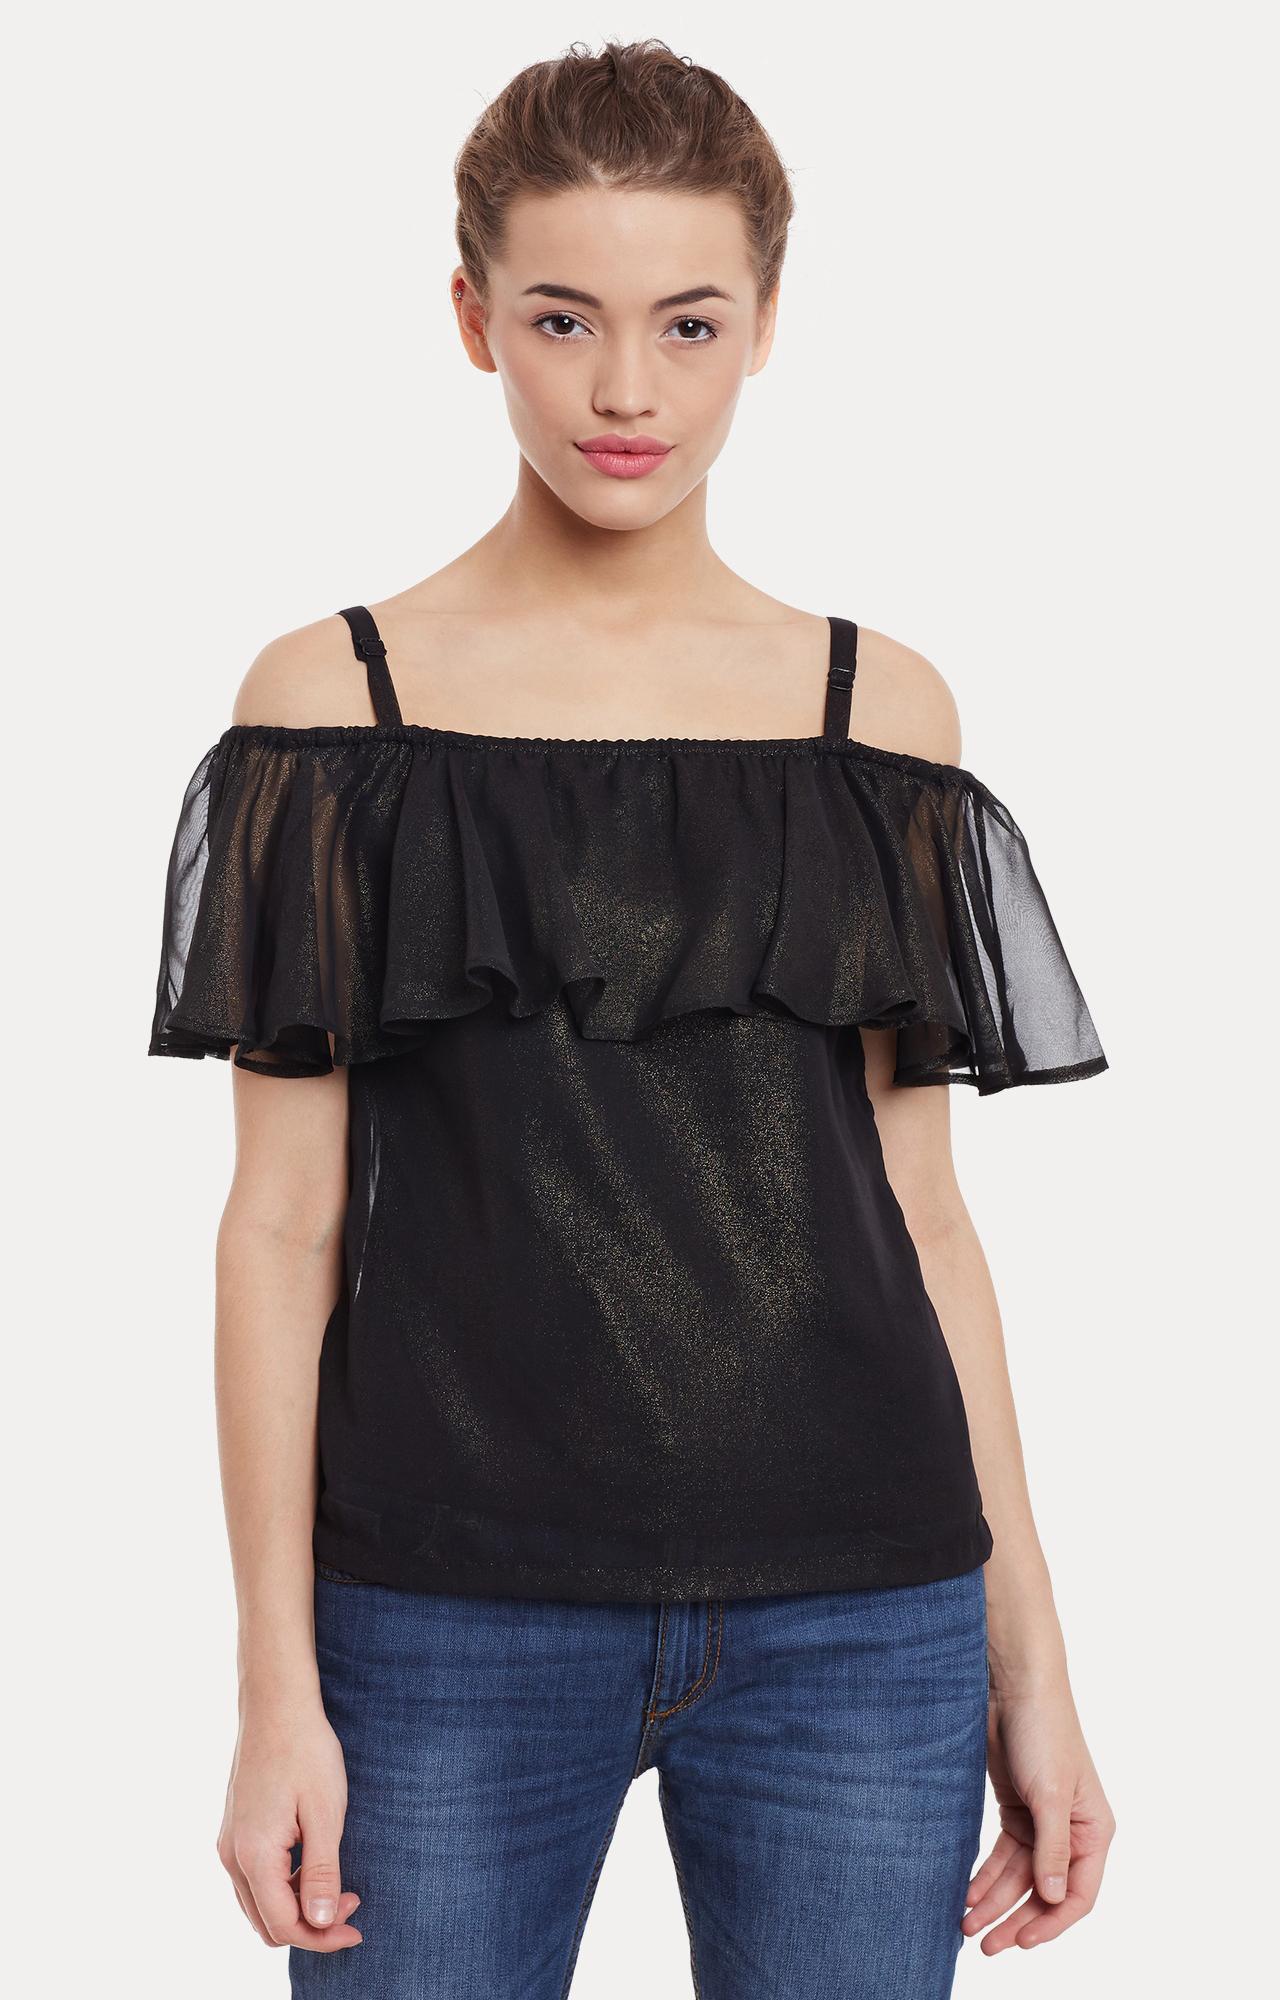 MISS CHASE | Black Embellished Top